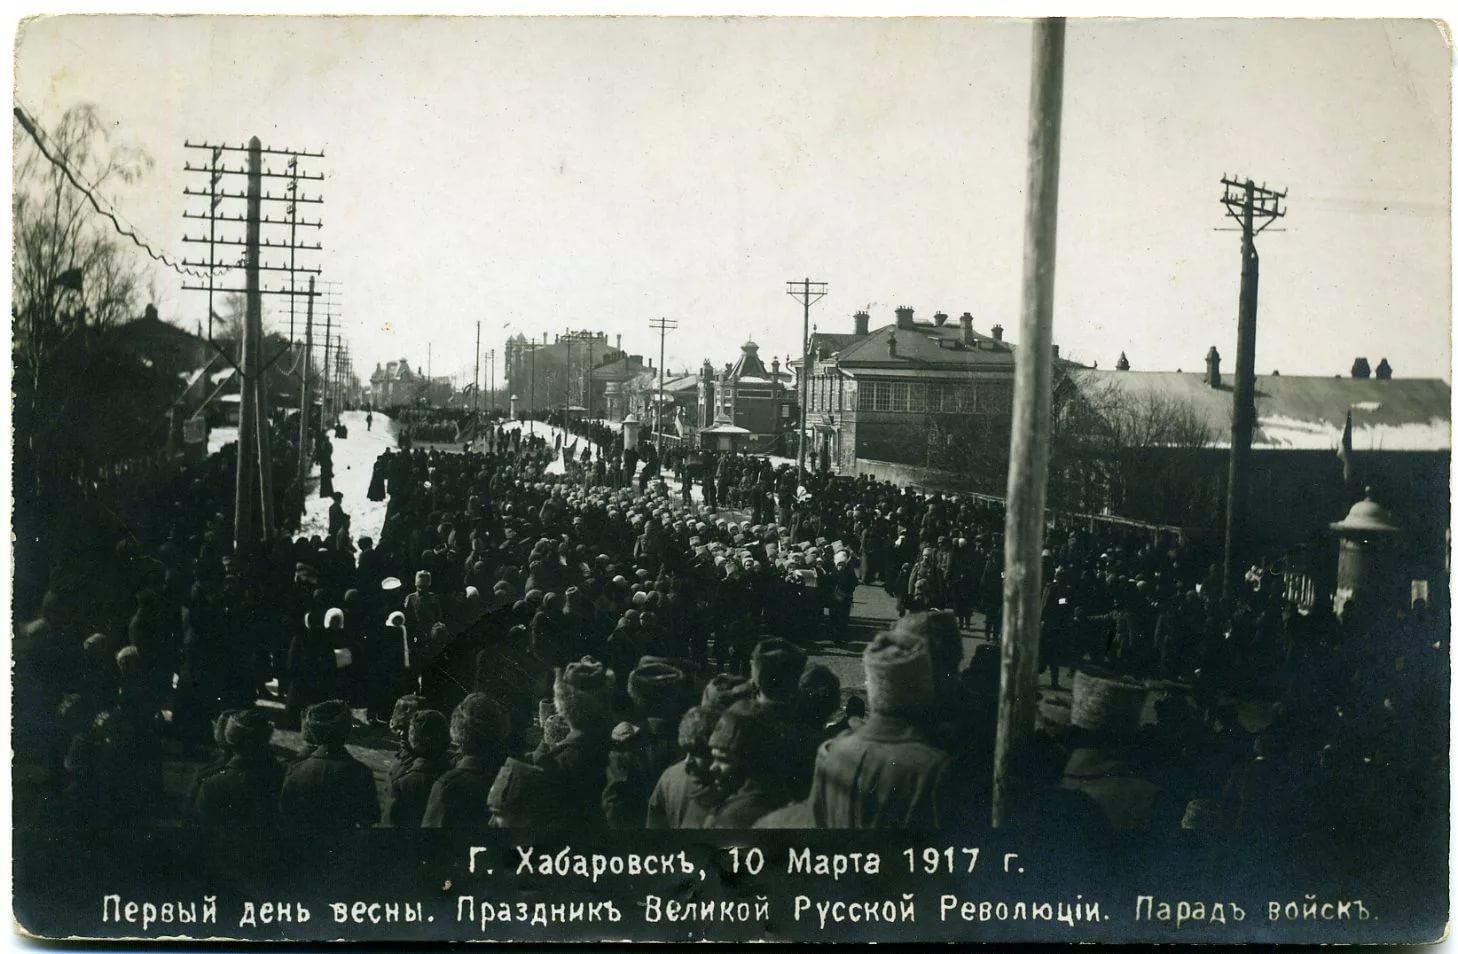 г. Хабаровск, 10 марта 1917 г. Первый день весны. Праздник Великой Русской Революции. Парад войск.